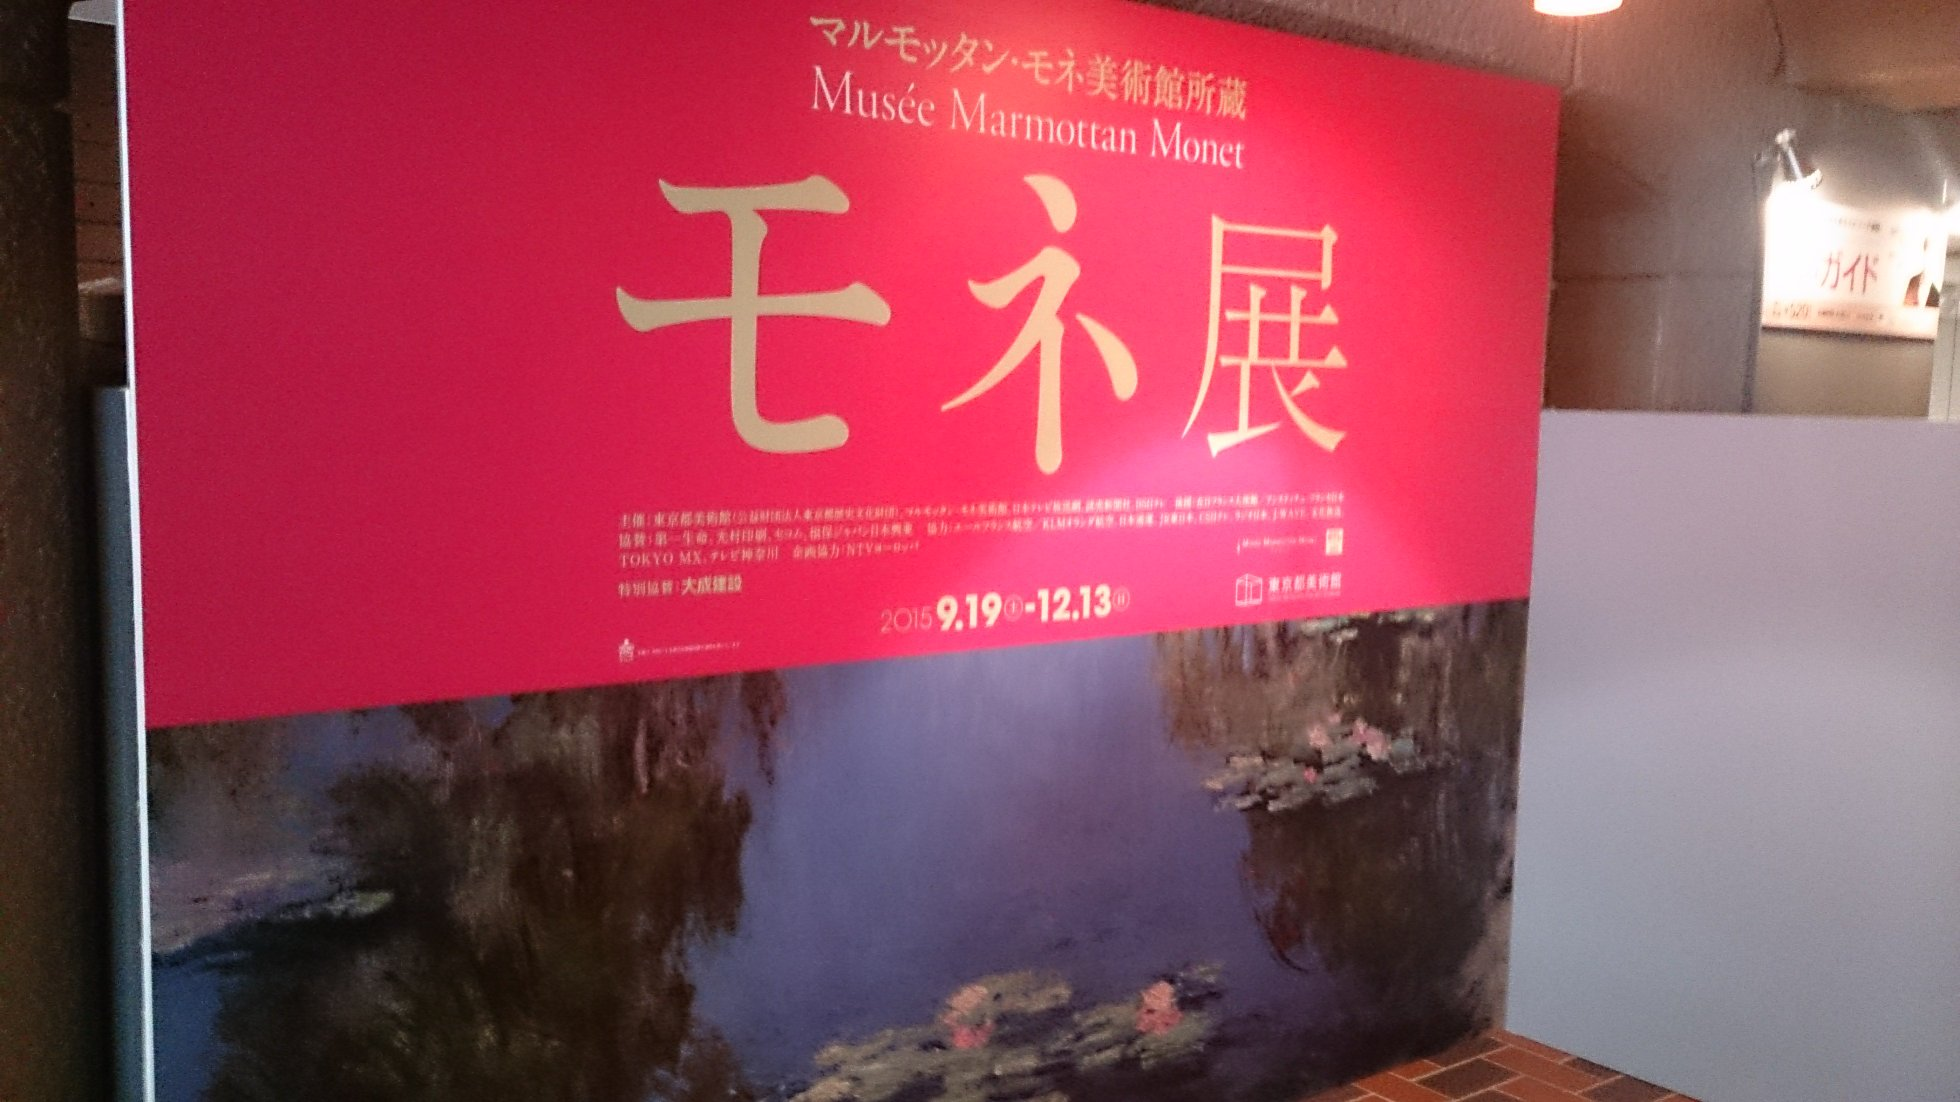 モネ展に行ってきました。_a0221584_1563844.jpg